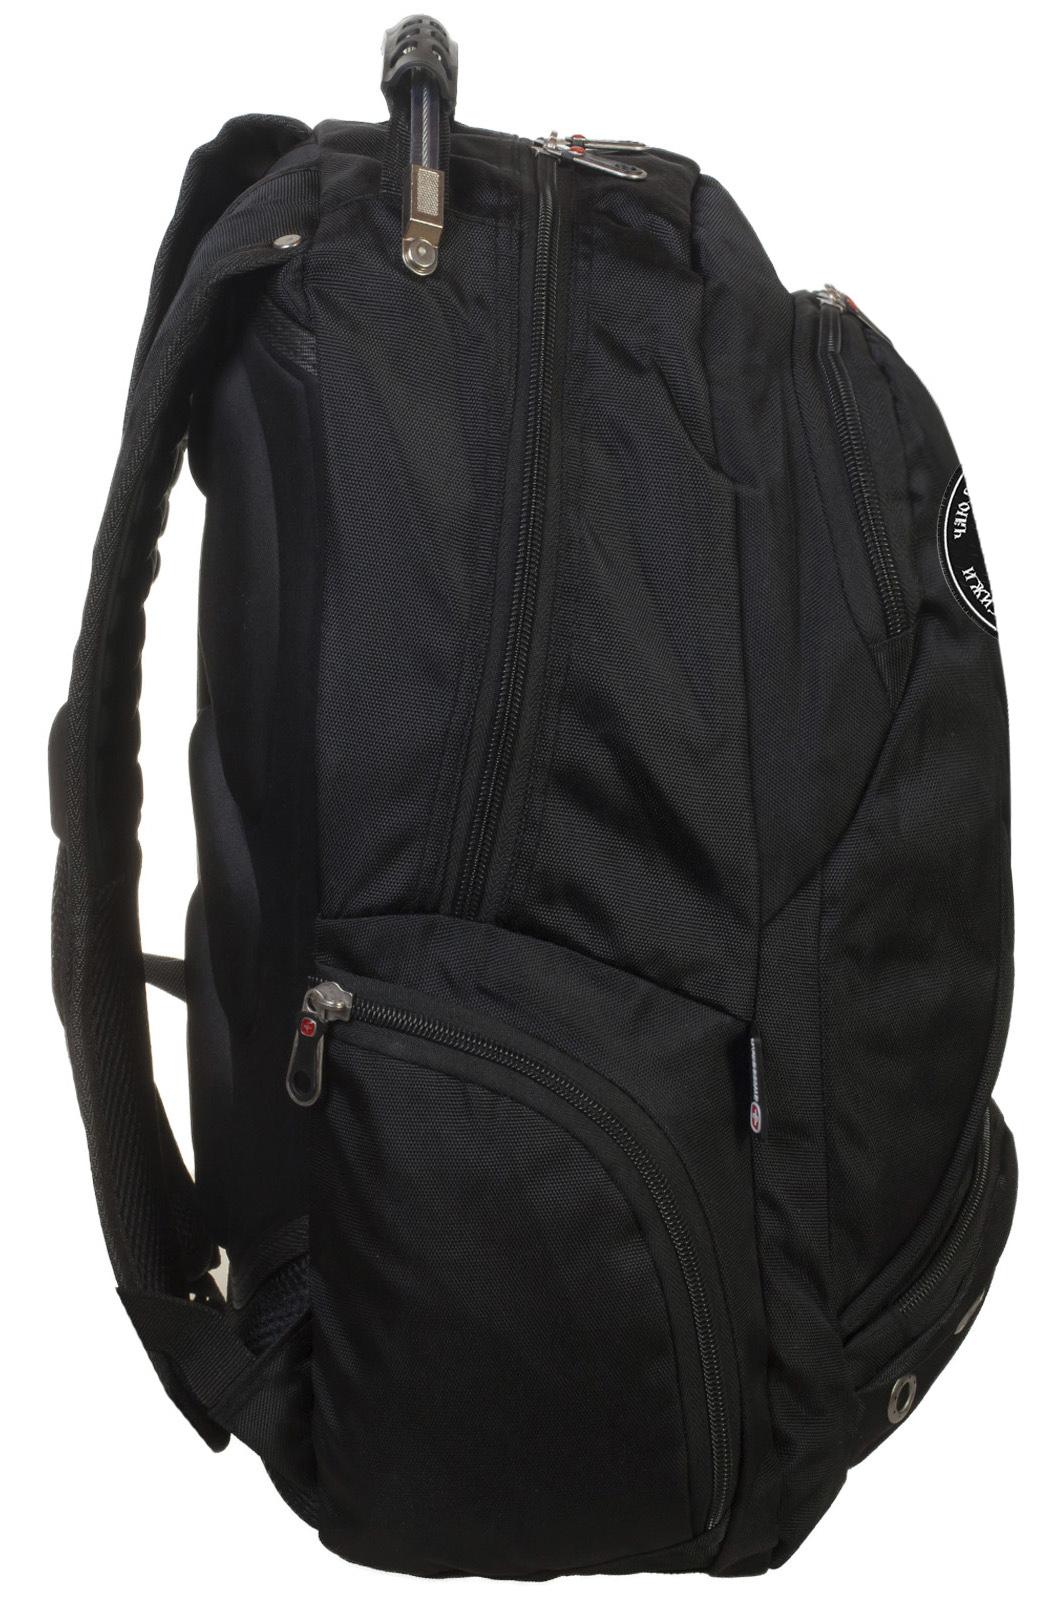 Черный мужской рюкзак с нашивкой Генерала Бакланова купить в подарок